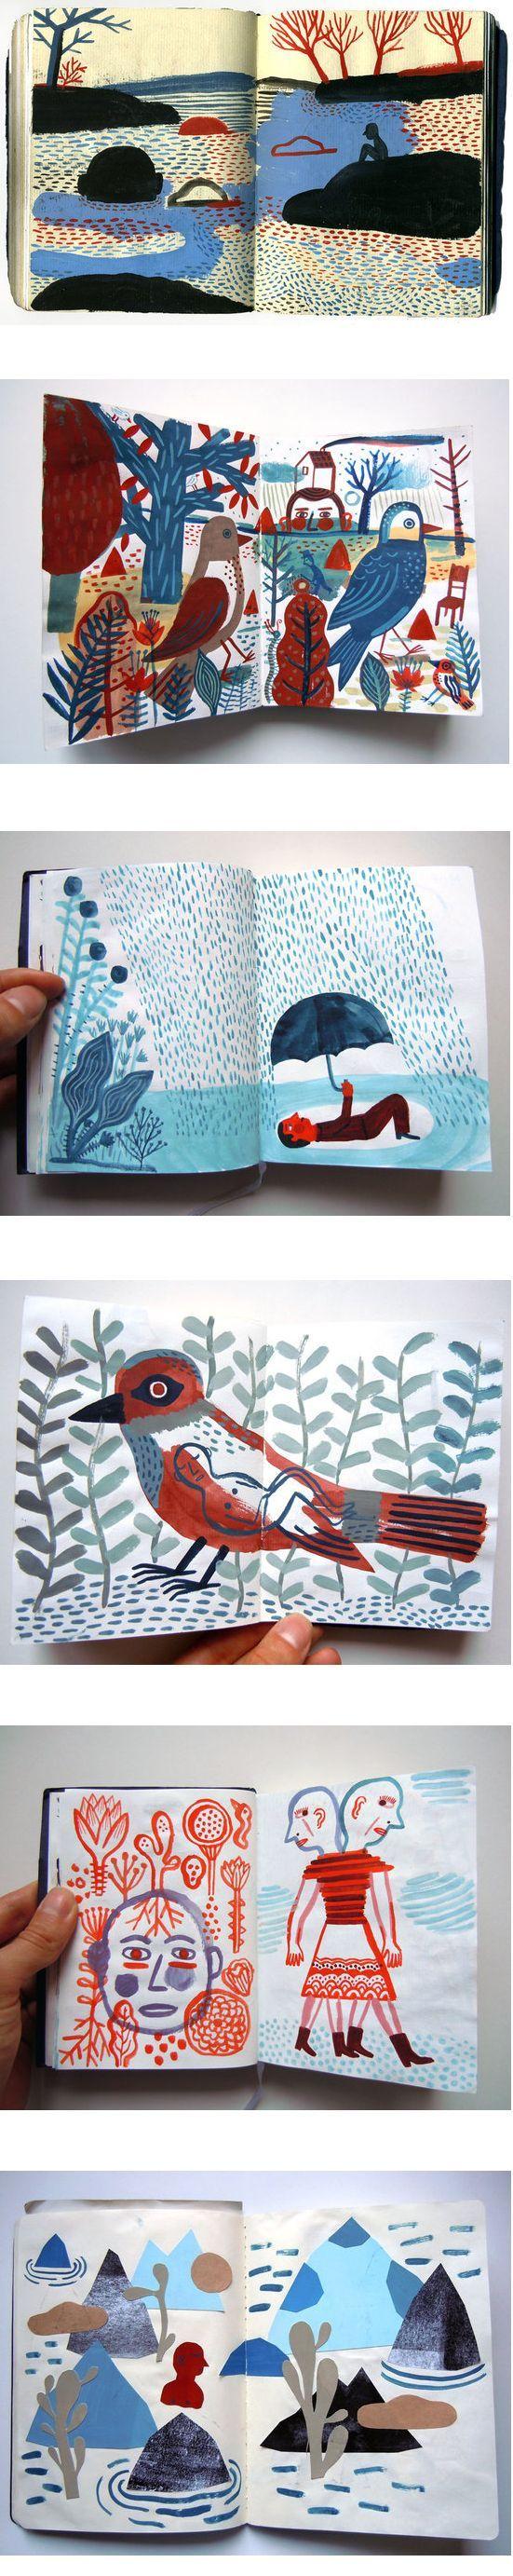 sketchbook by Laurent Moreau #Arts Design